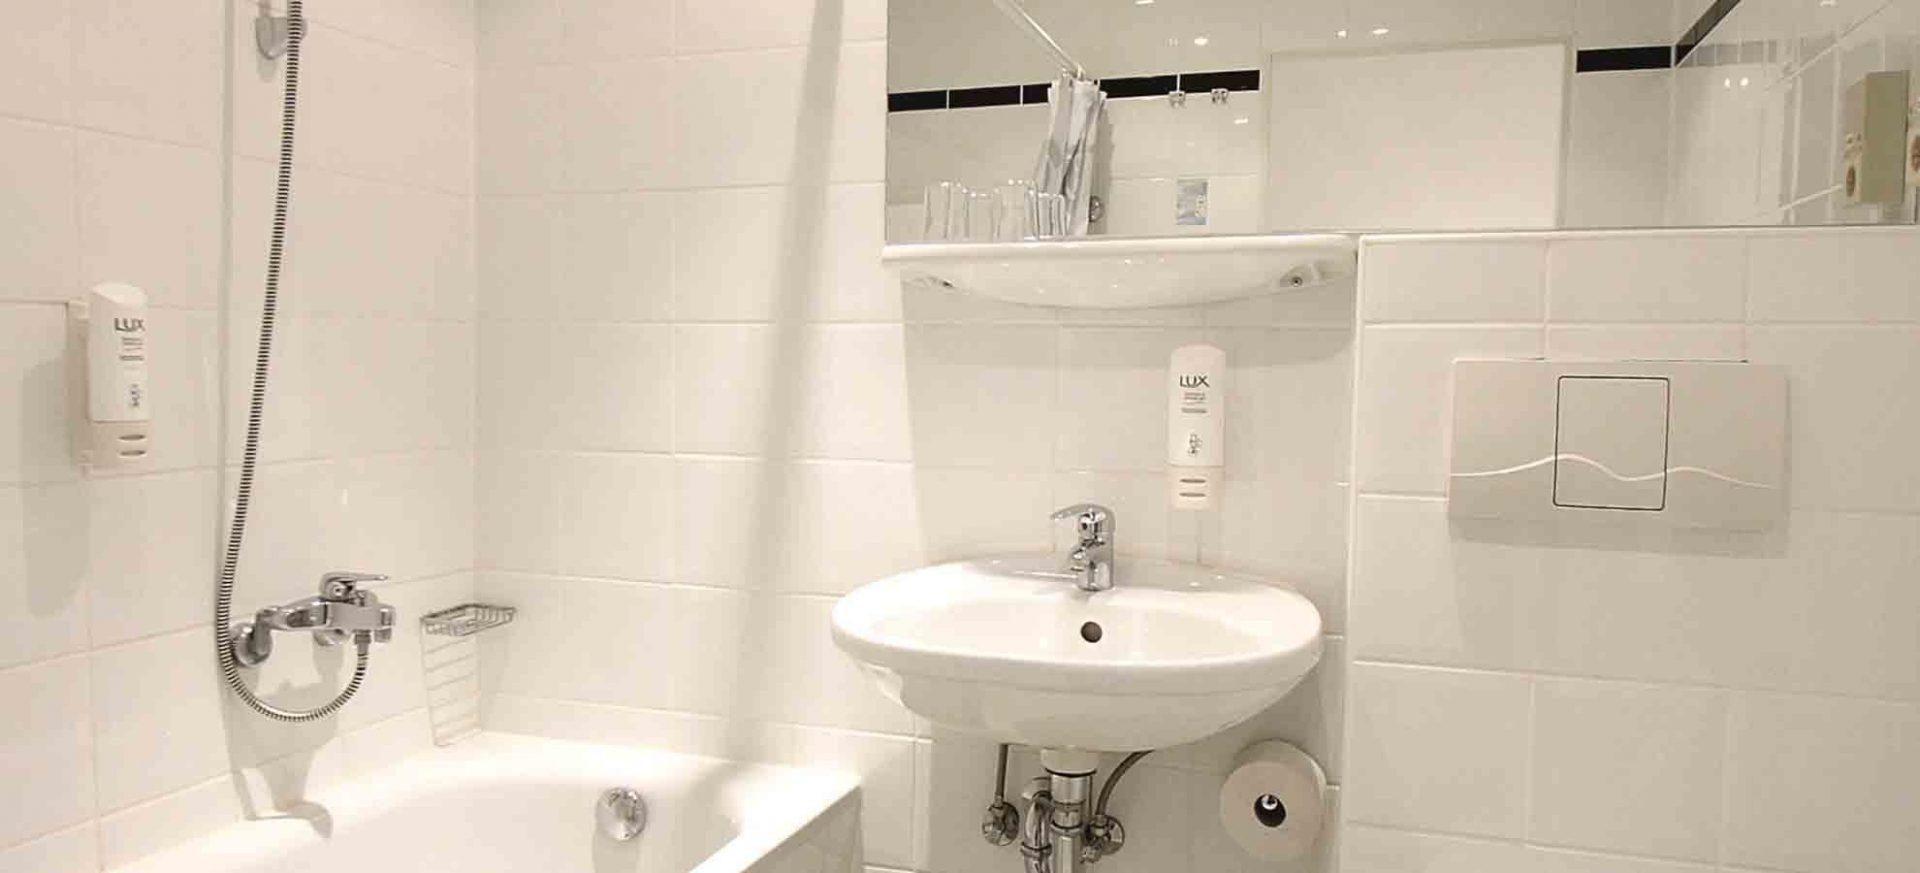 ibis Dresden Zentrum Komfort Badezimmer / Comfort room bath